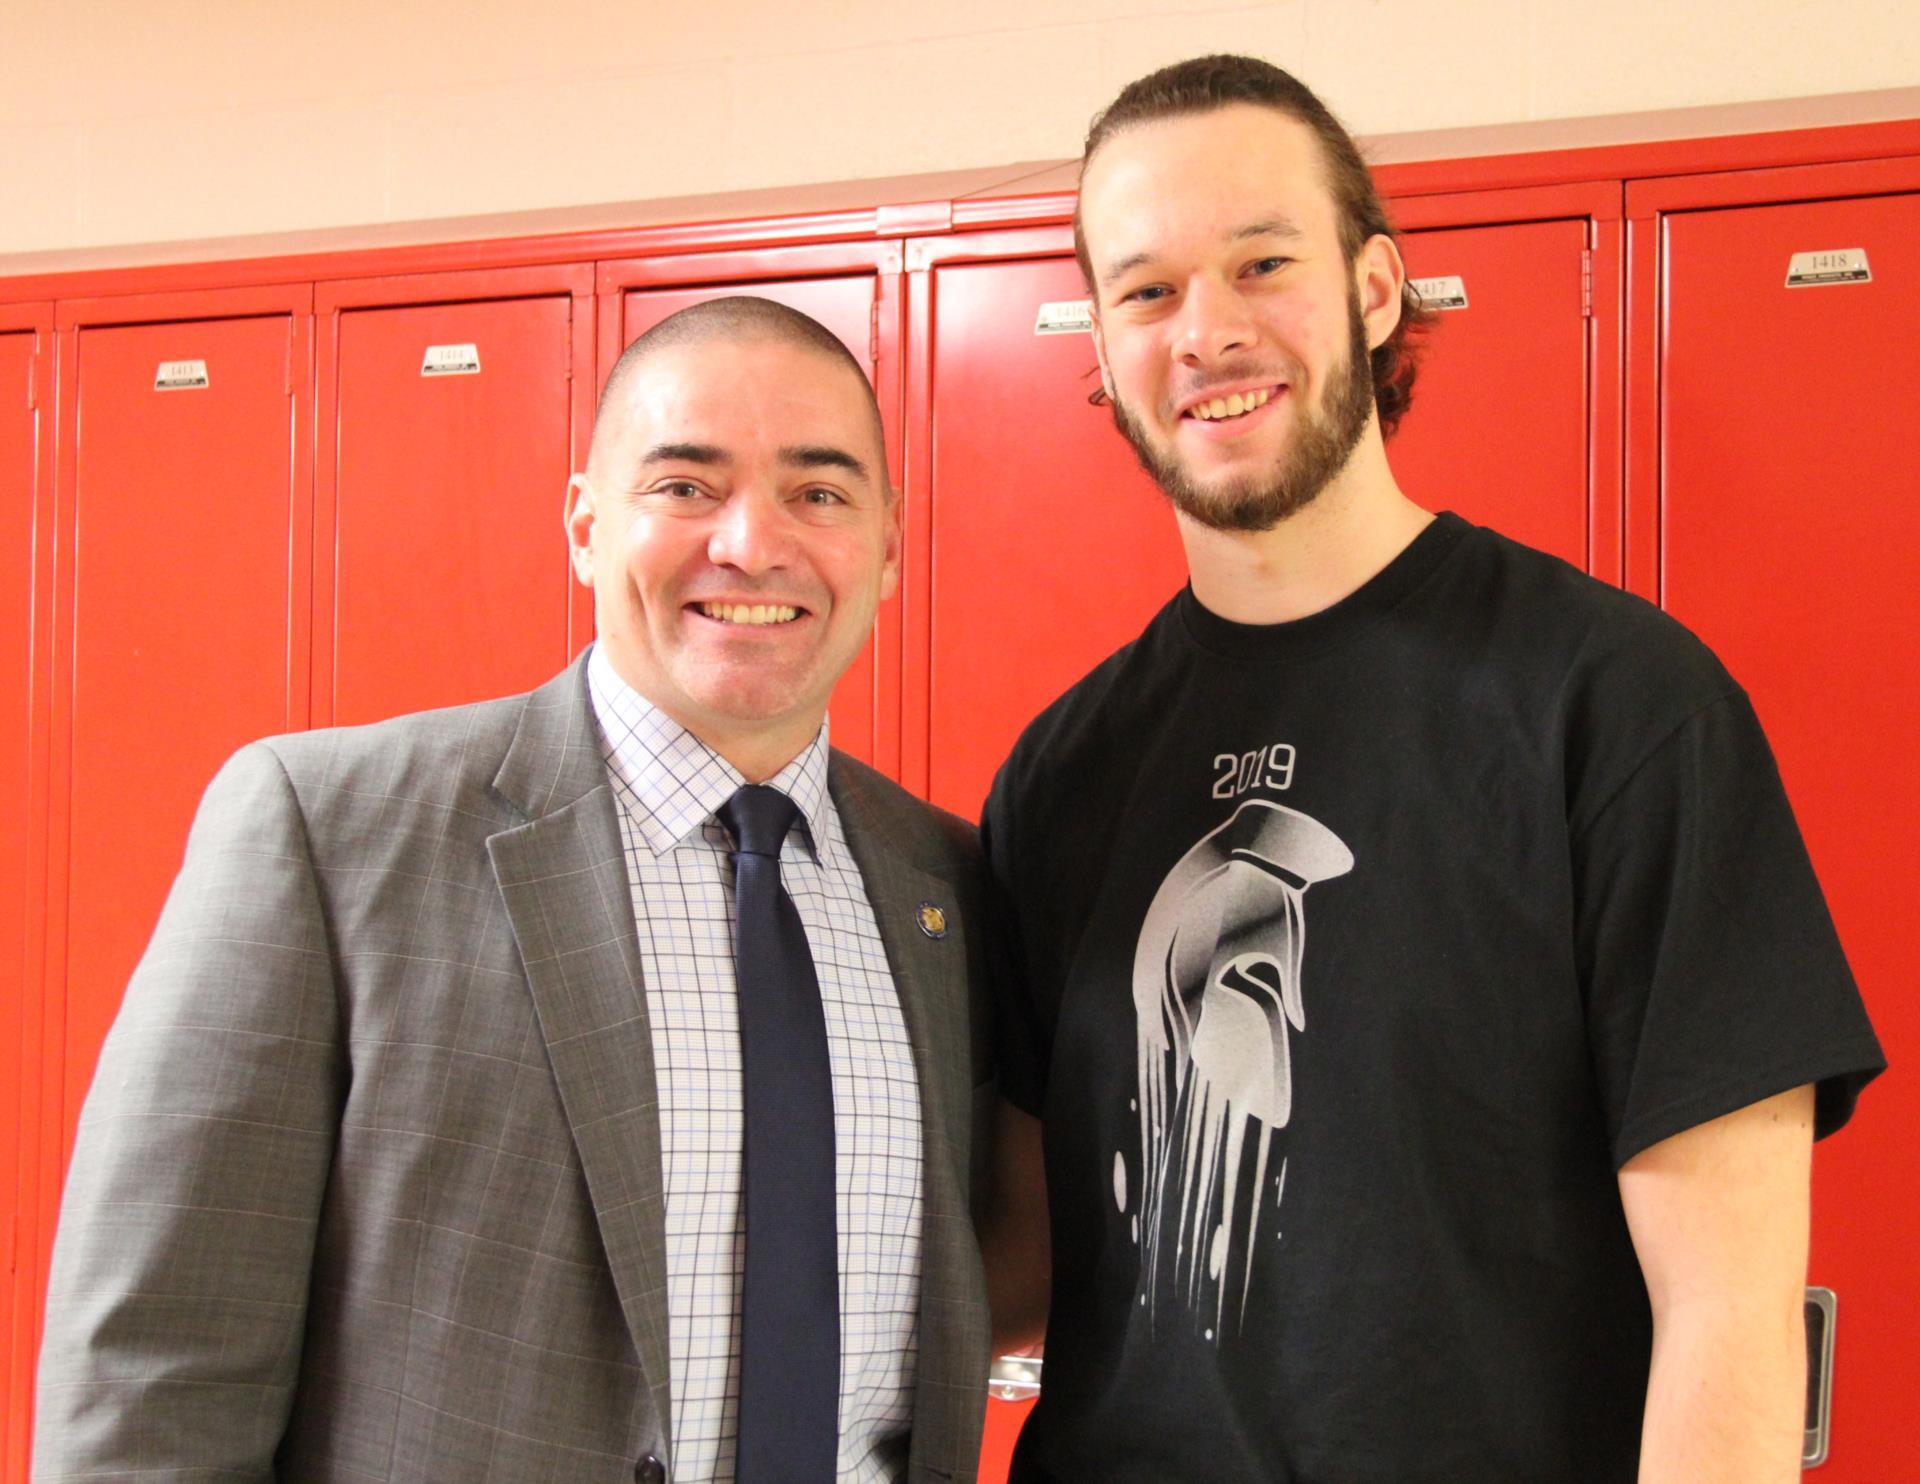 senator and student